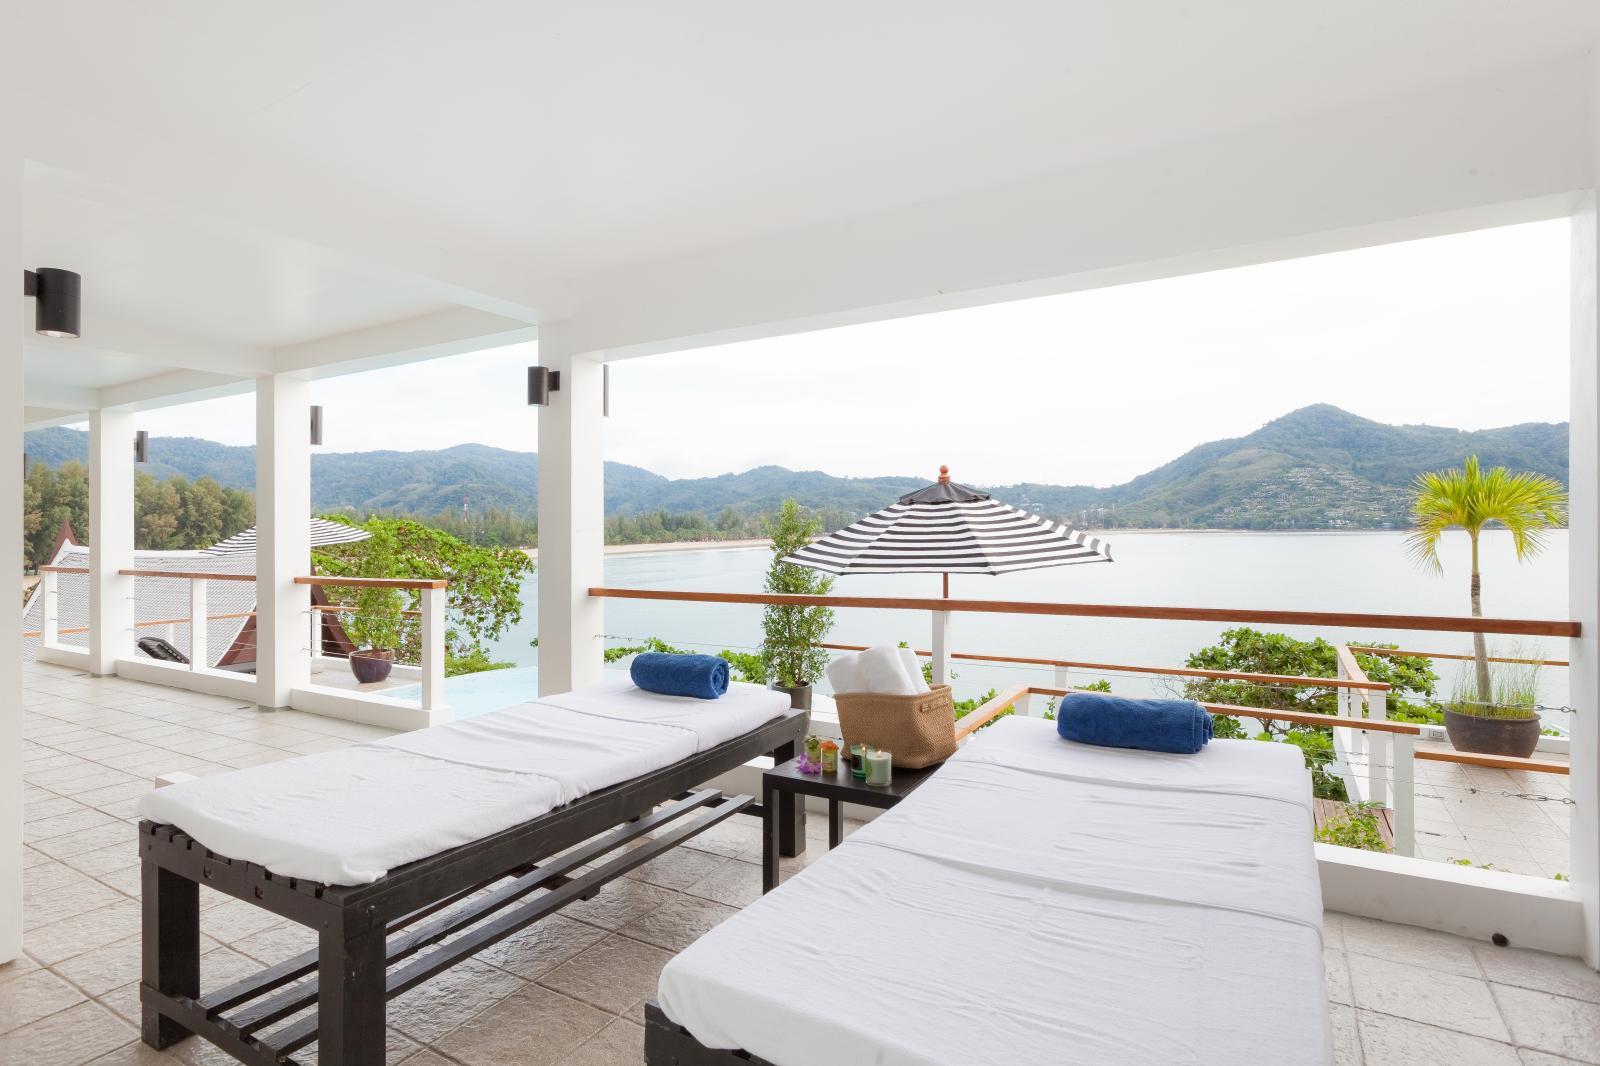 Villa louer phuket kamala en thailande pr s de la plage for Chambre de commerce thailande